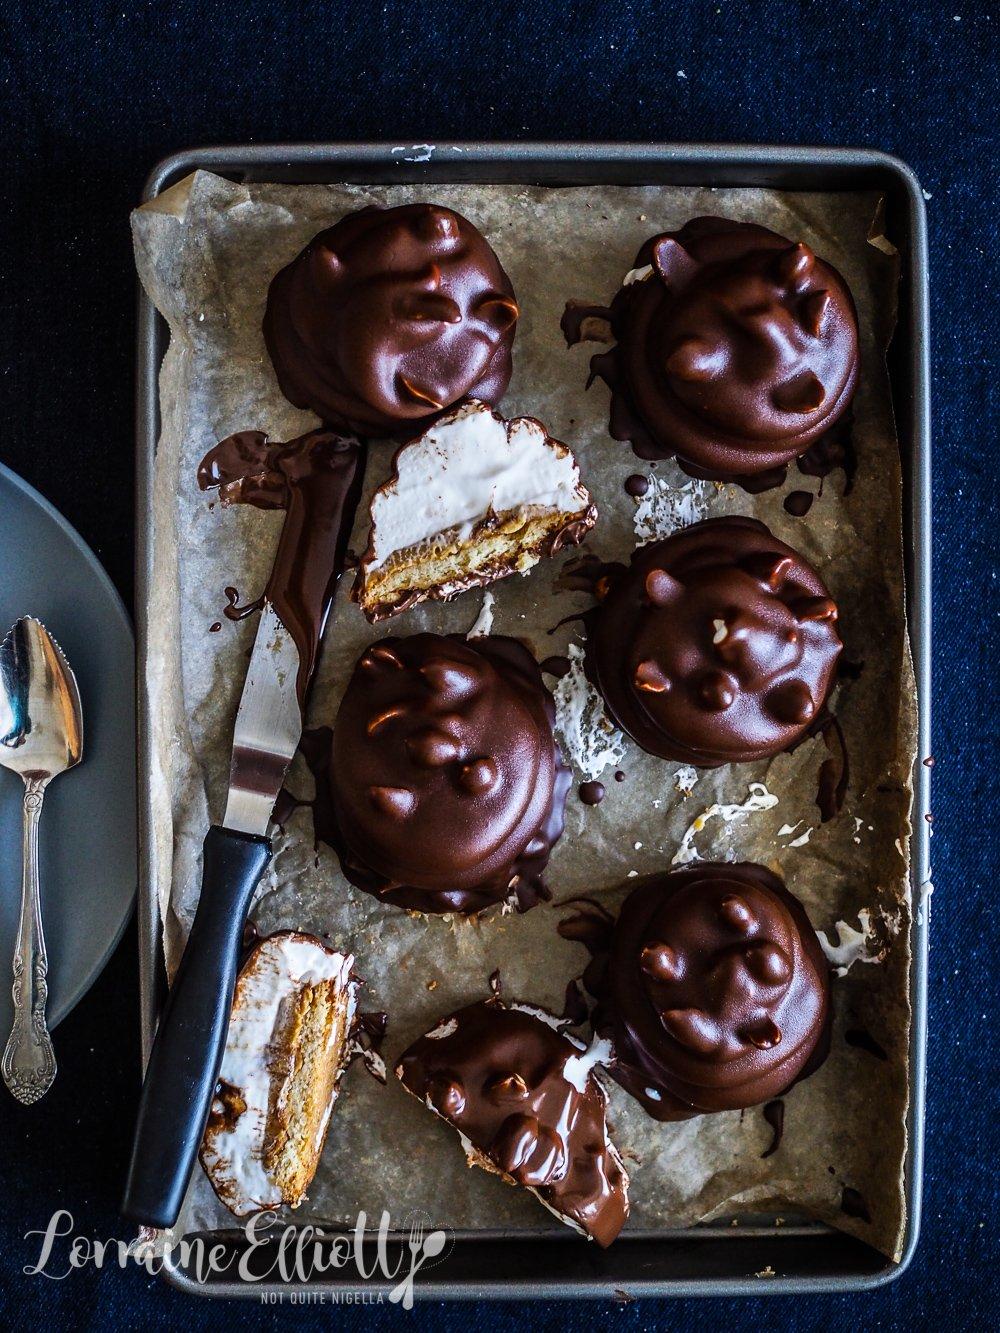 Peanut Butter Marshmallow Puffs